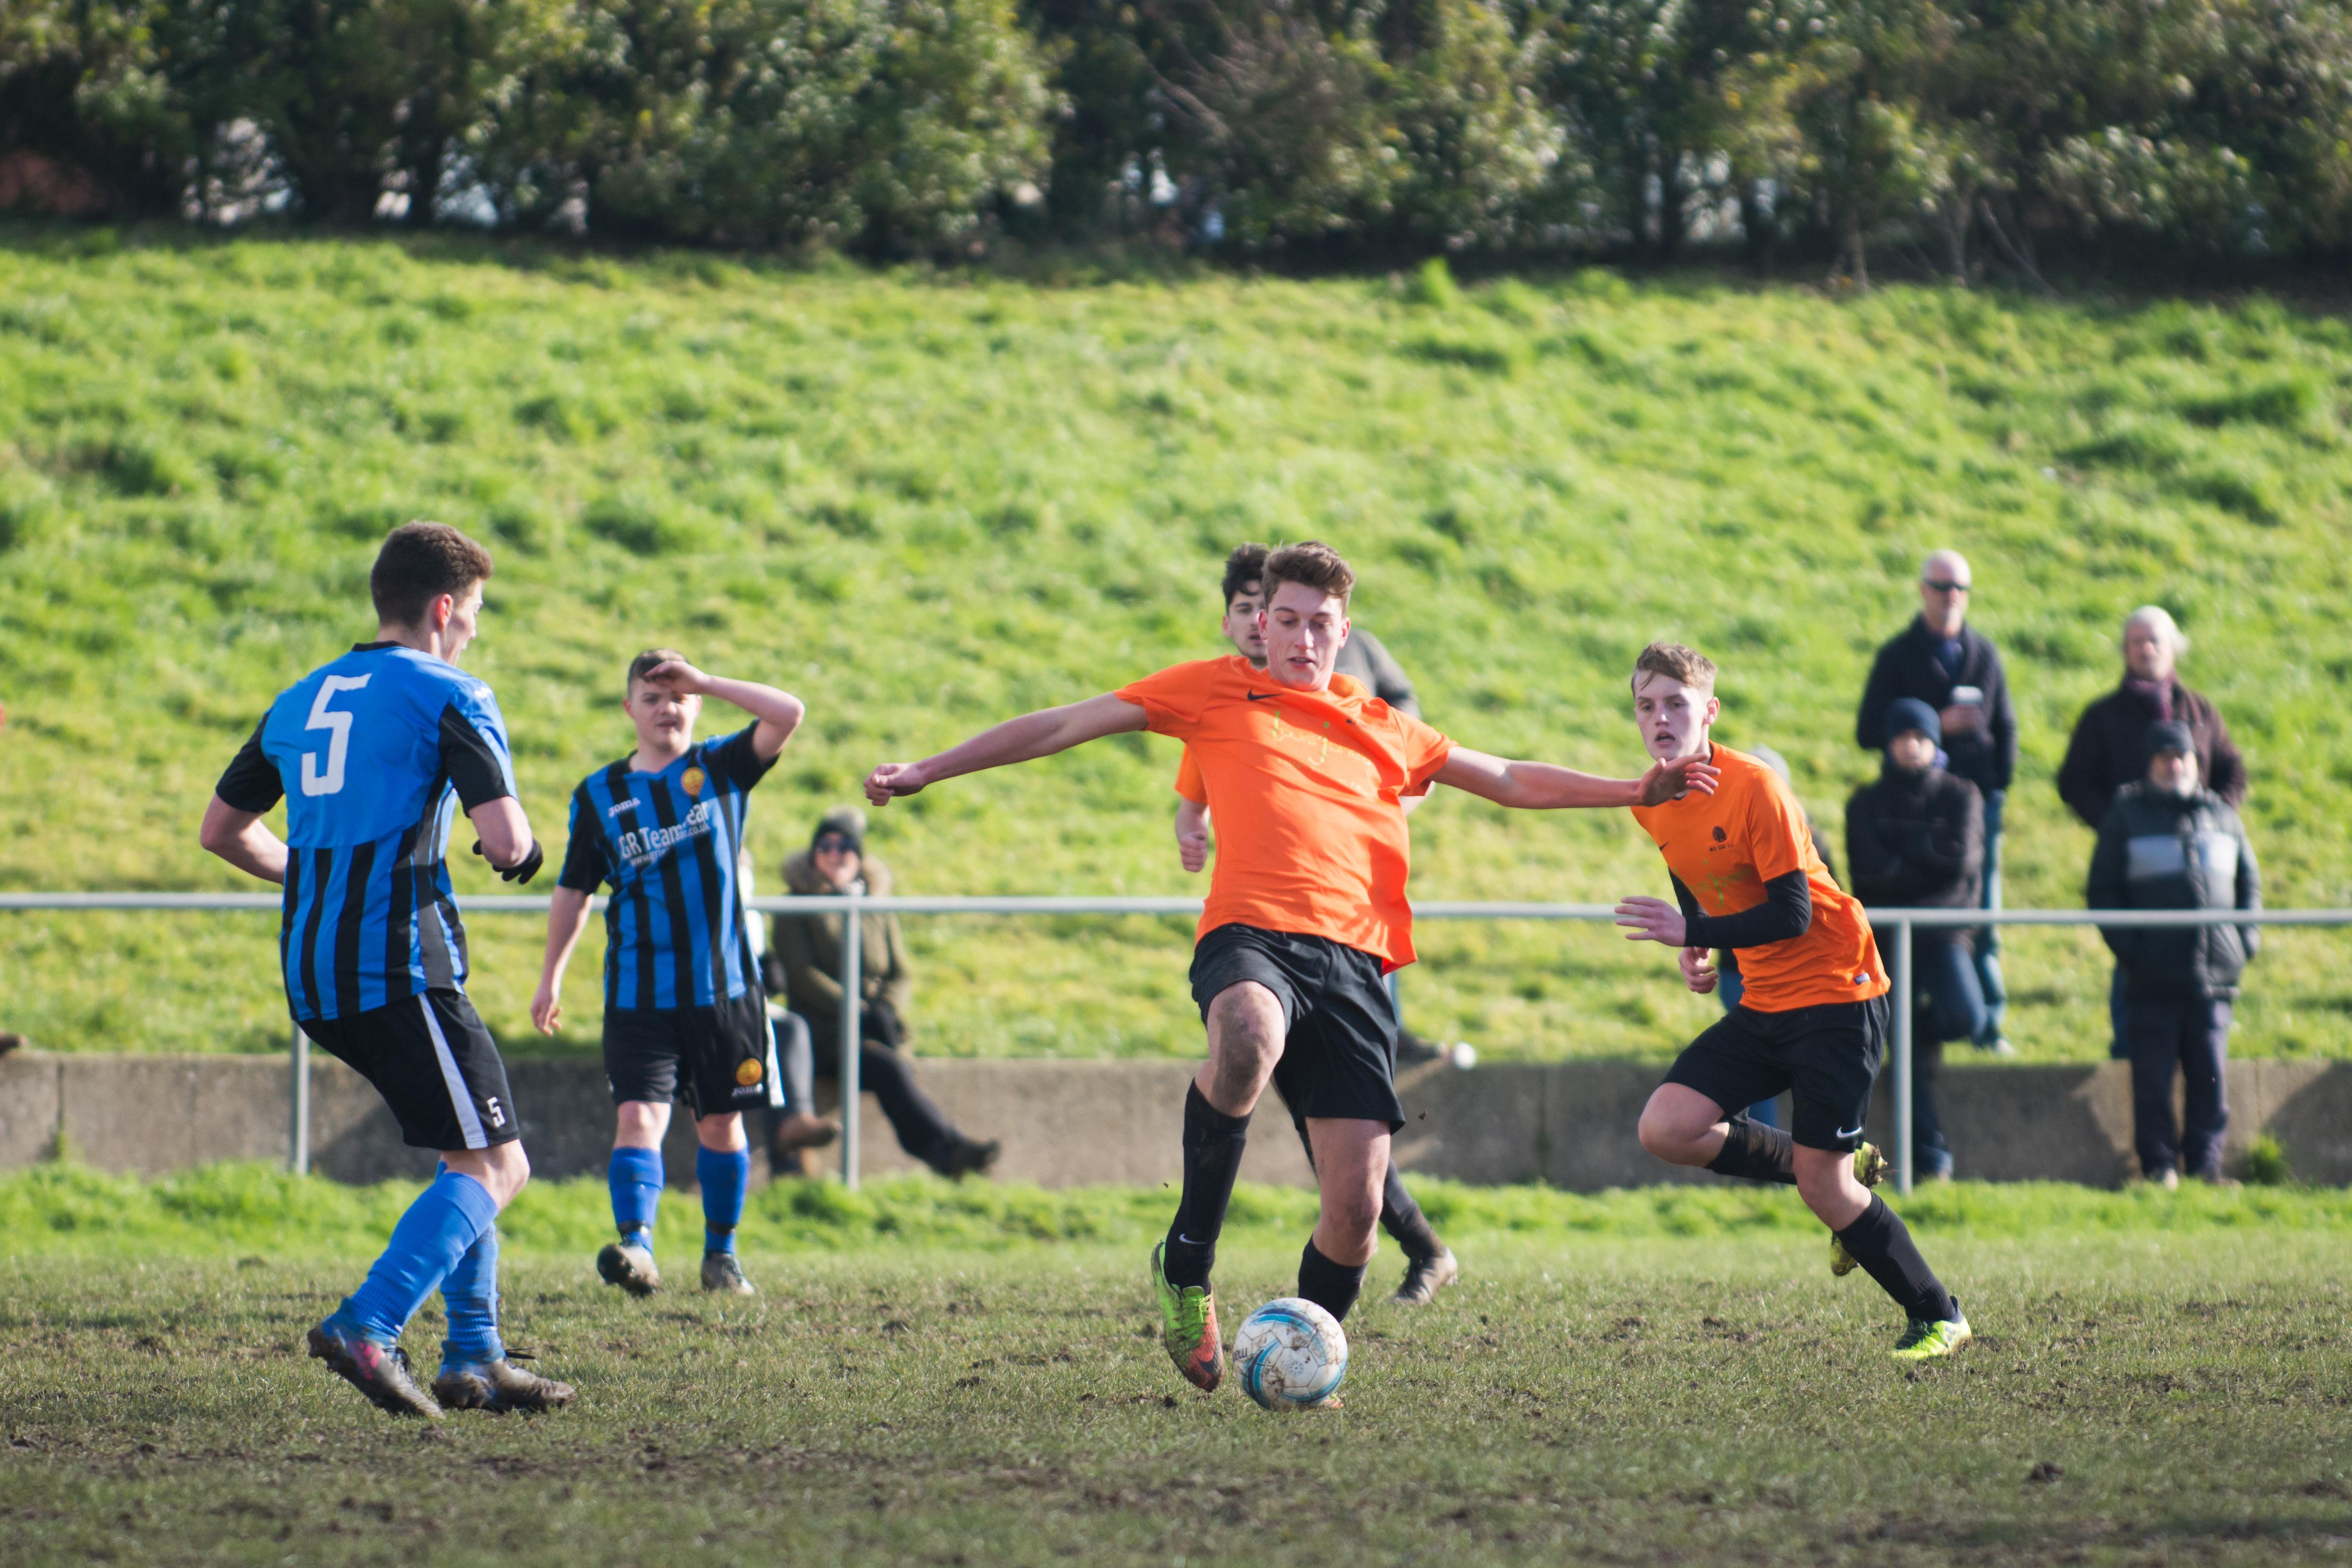 Mile Oak FC U18s vs Newhaven FC U18s 04.02.18 18